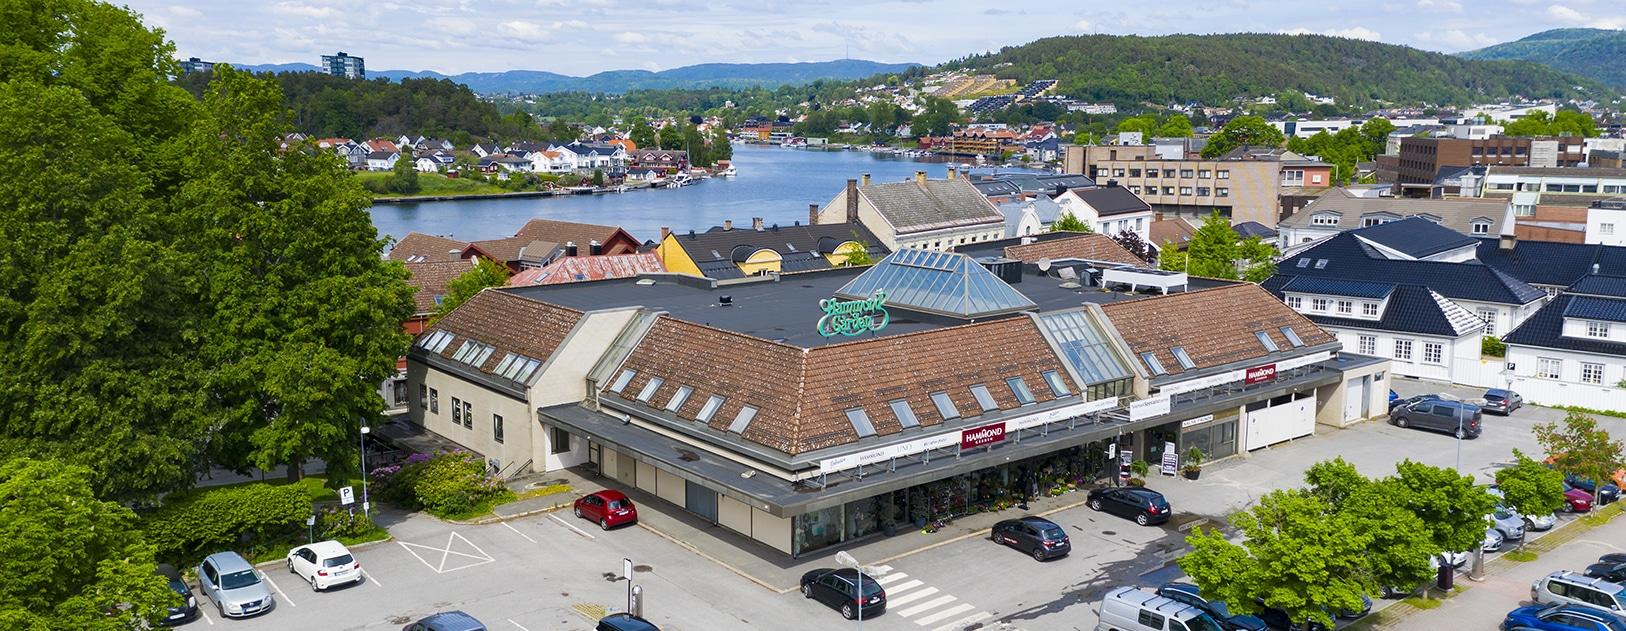 Butikklokale hammondgården storgata 125 Porsgrunn 7